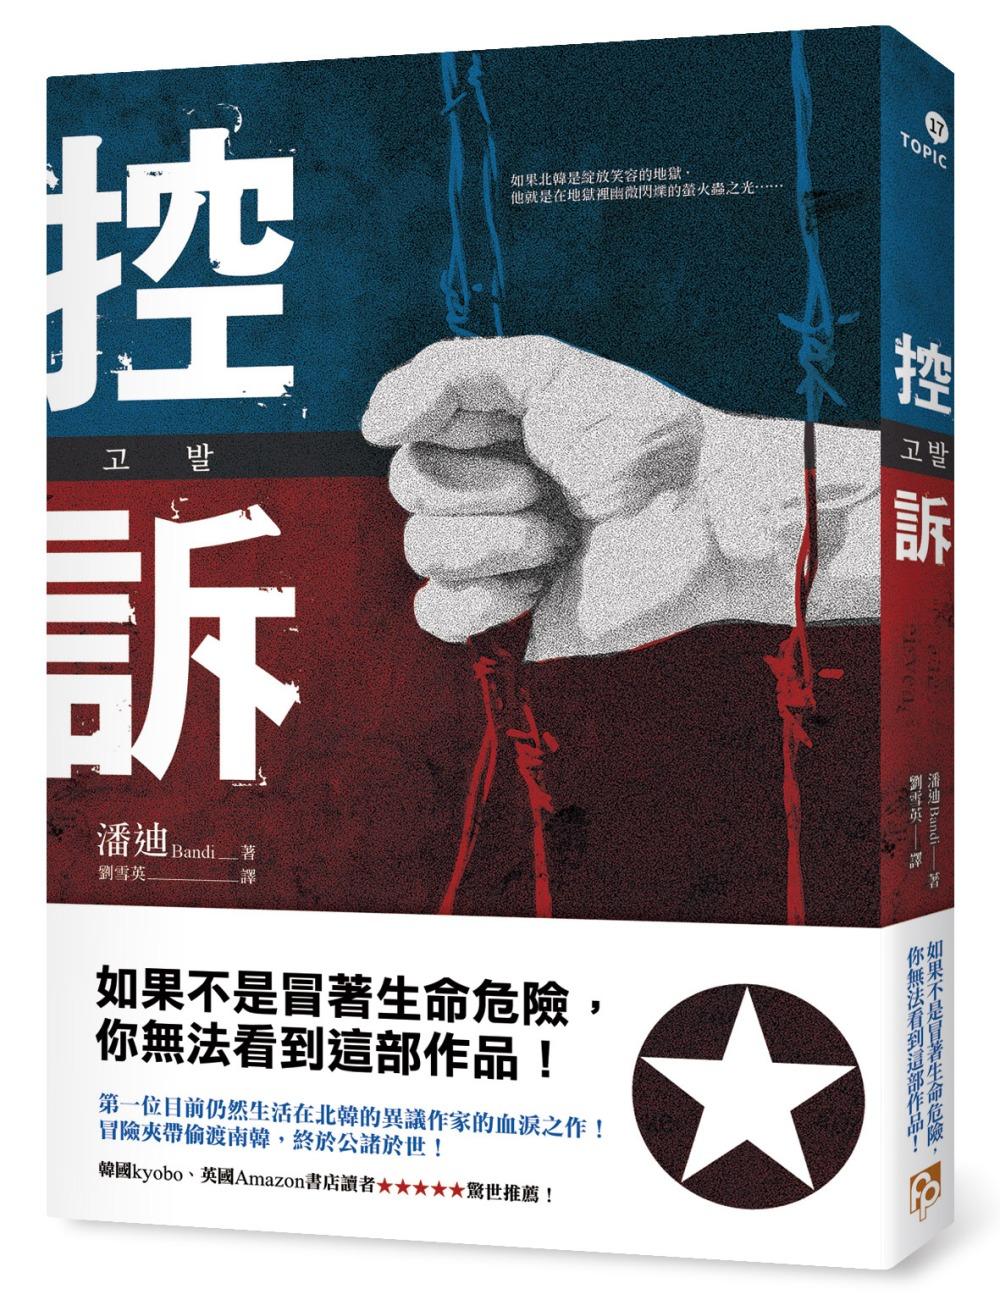 控訴:如果不是冒著生命危險,你無法看到這部作品!第一位目前仍然生活在北韓的異議作家的血淚之作!冒險夾帶偷渡南韓,終於公諸於世!